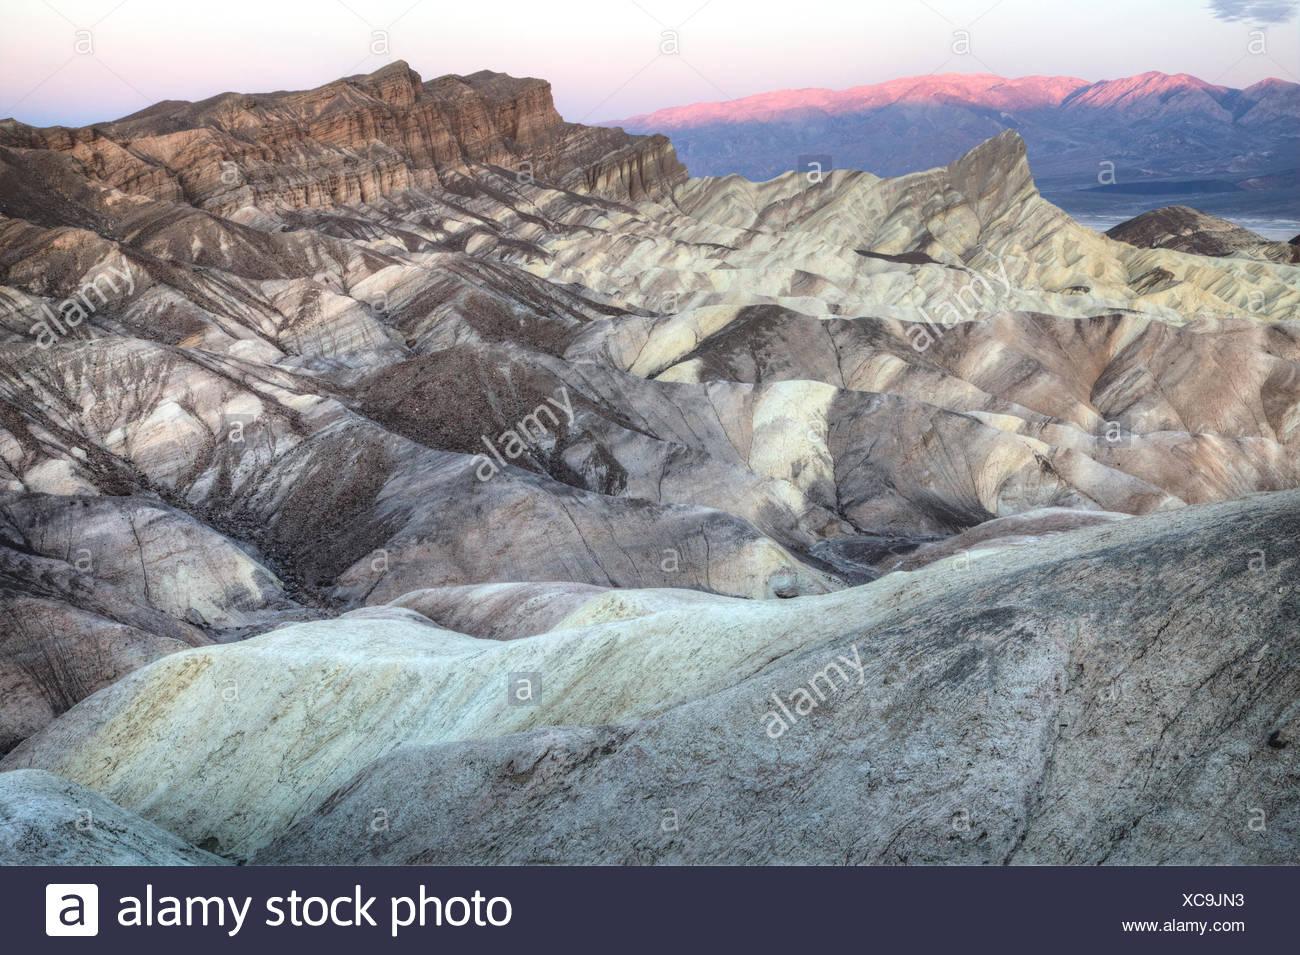 Die alte Seegrund und unverwechselbaren Vorgebirge von Manly Beacon Tagesanbruch. Verwitterung und Veränderung von Thermalwasser sind verantwortlich für die Vielfalt der Farben, die dort vertreten. Stockbild